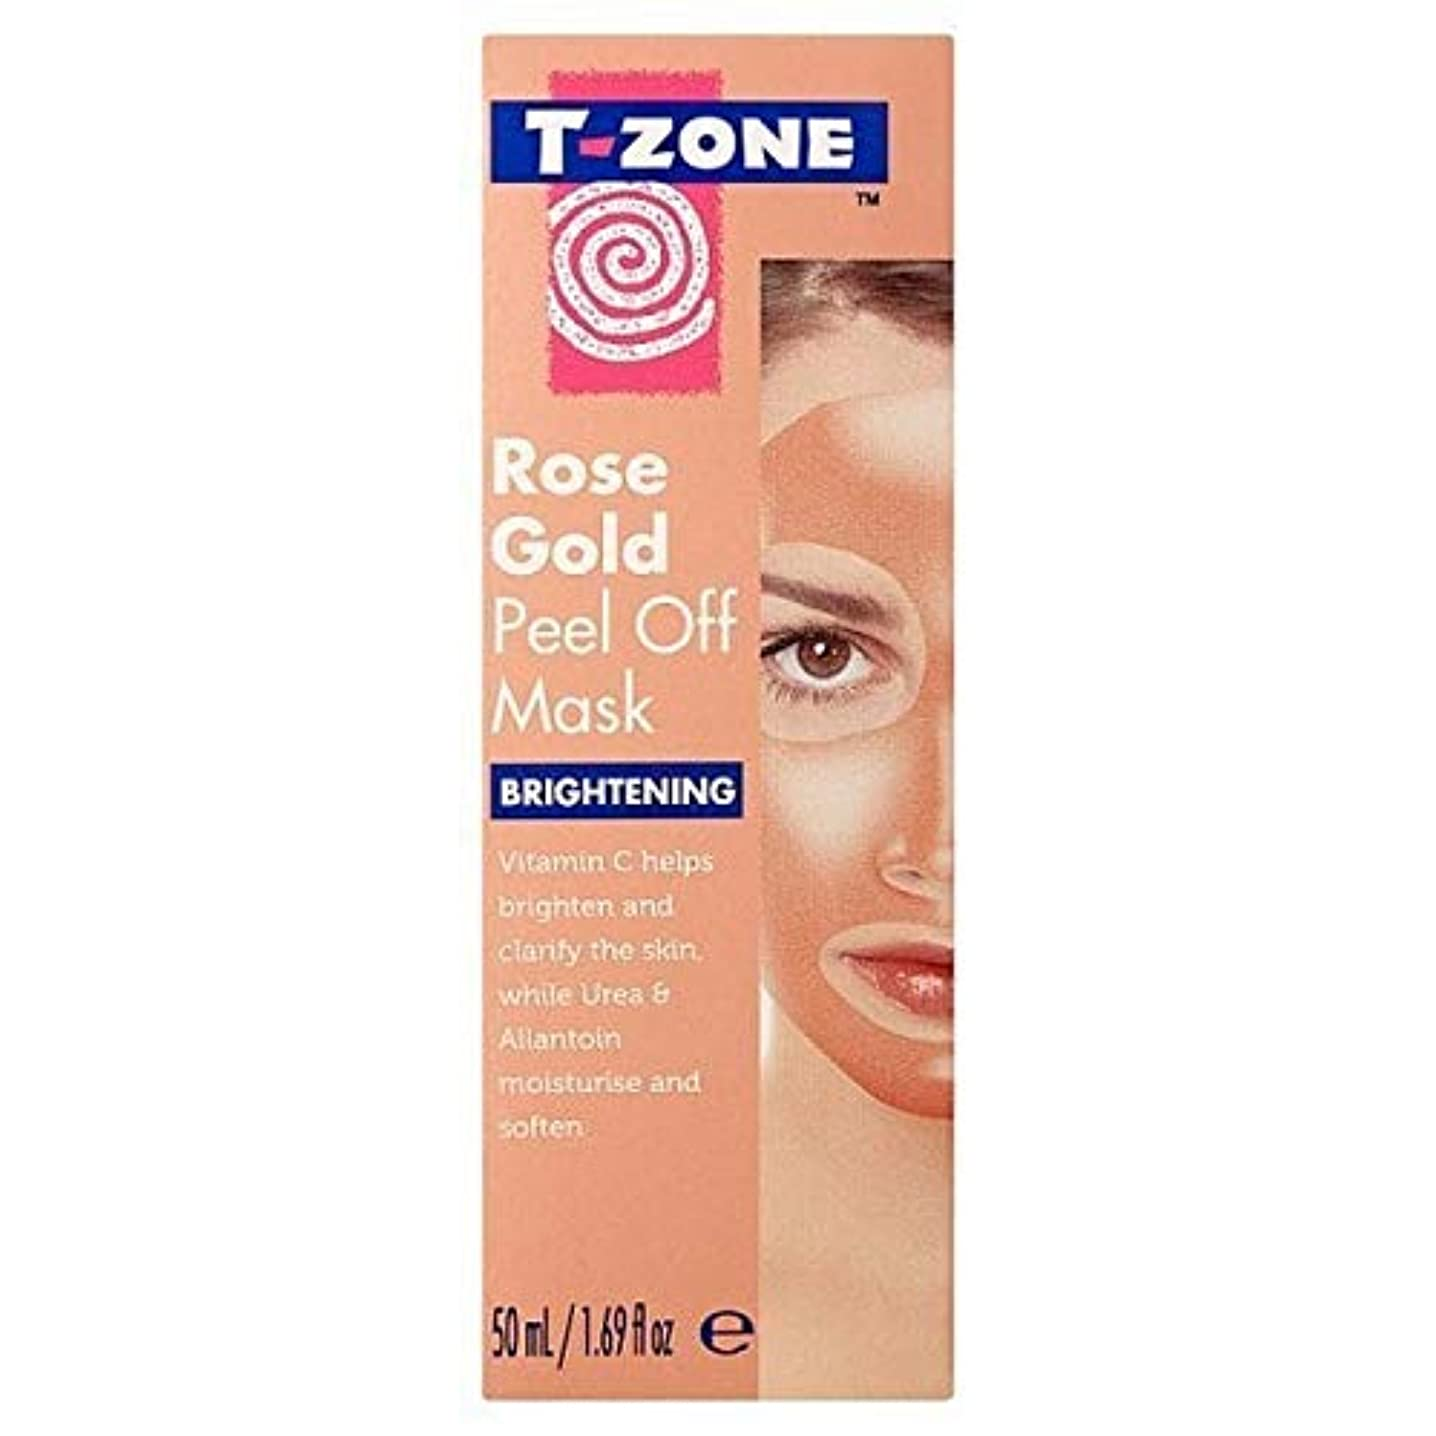 サーカス数学的な帆[T-Zone] Tゾーンは、金マスク50ミリリットルを明るくはがしバラ - T-Zone Rose Gold Peel Off Brightening Mask 50ml [並行輸入品]